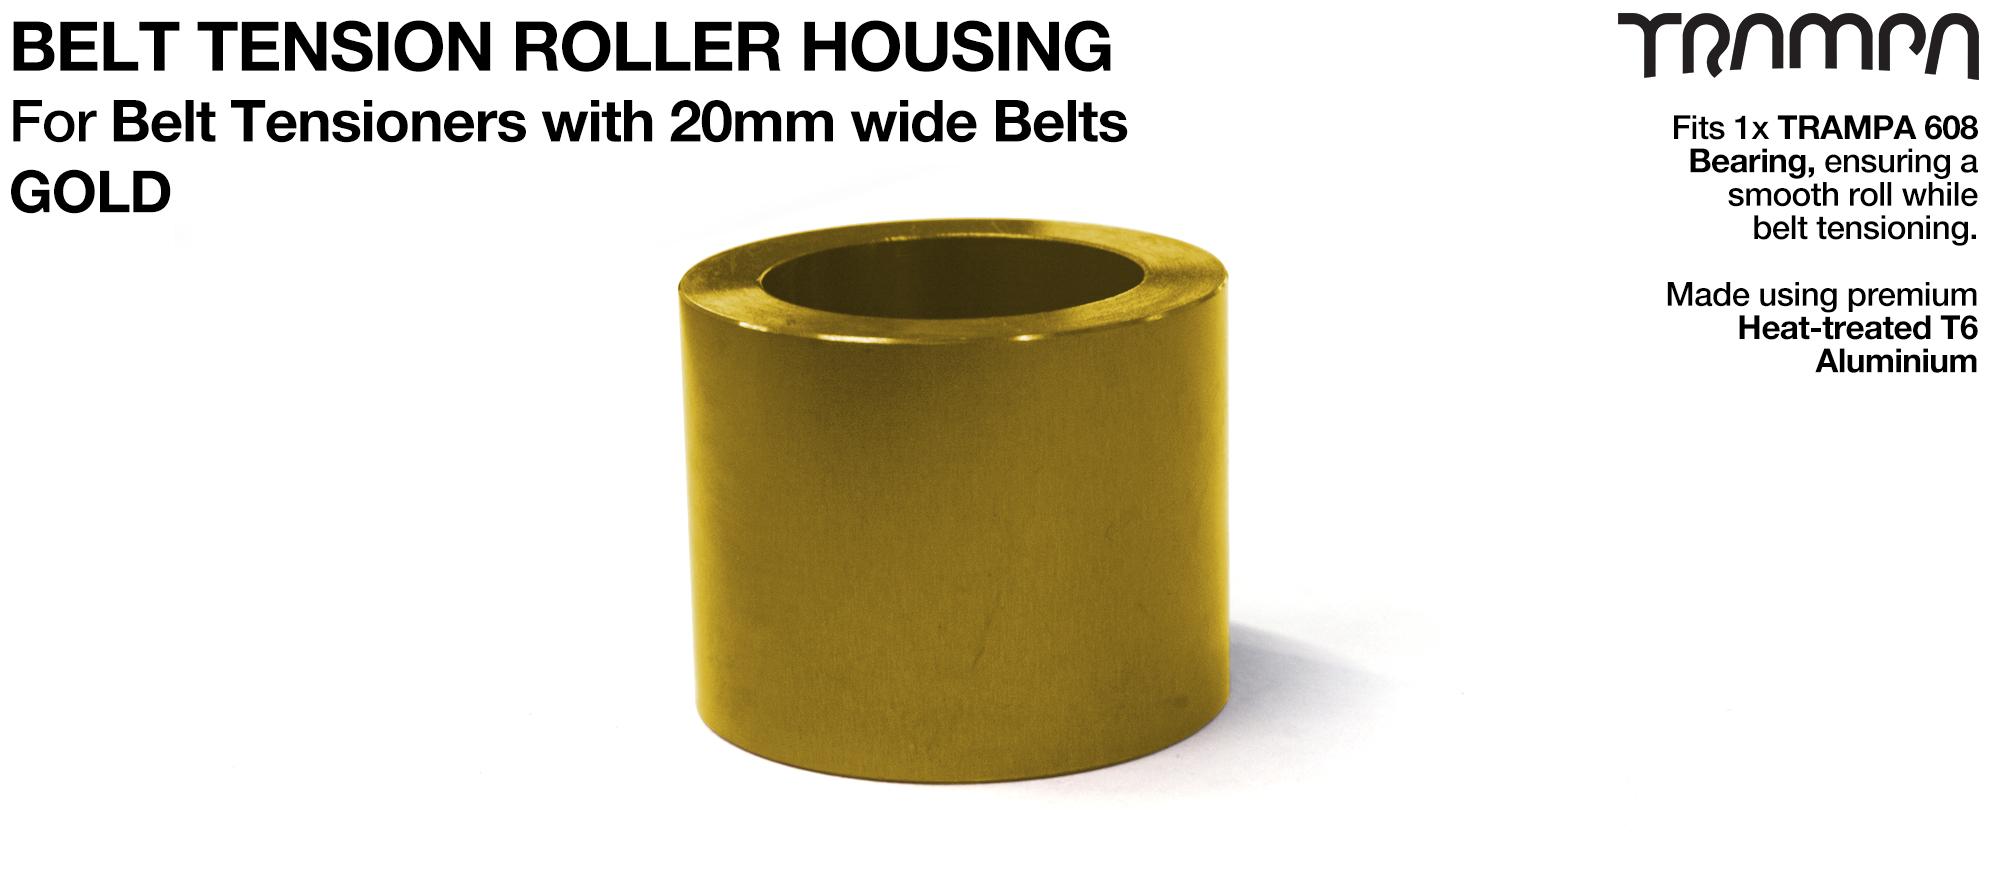 Belt Tension Roller Housing for 20mm Belts - GOLD